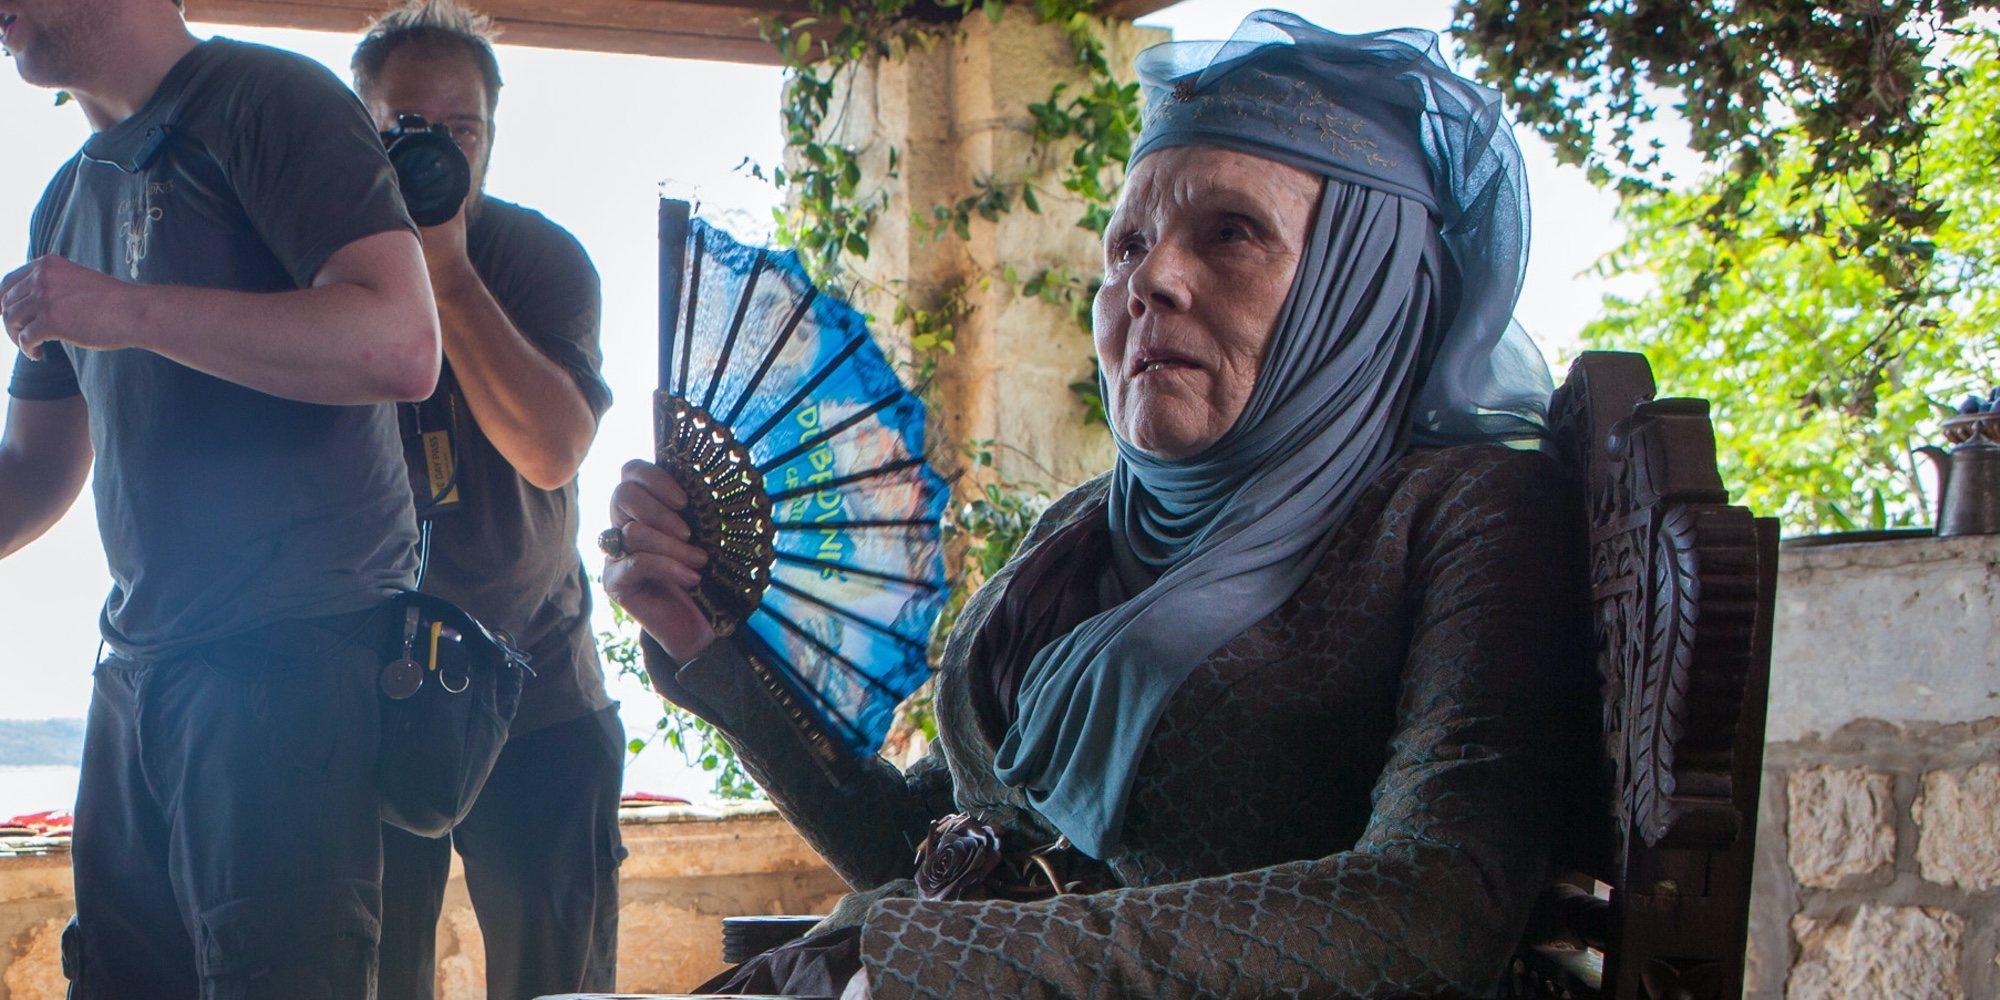 Muere Diana Rigg, popular actriz de 'Juego de tronos' y 'Los vengadores'